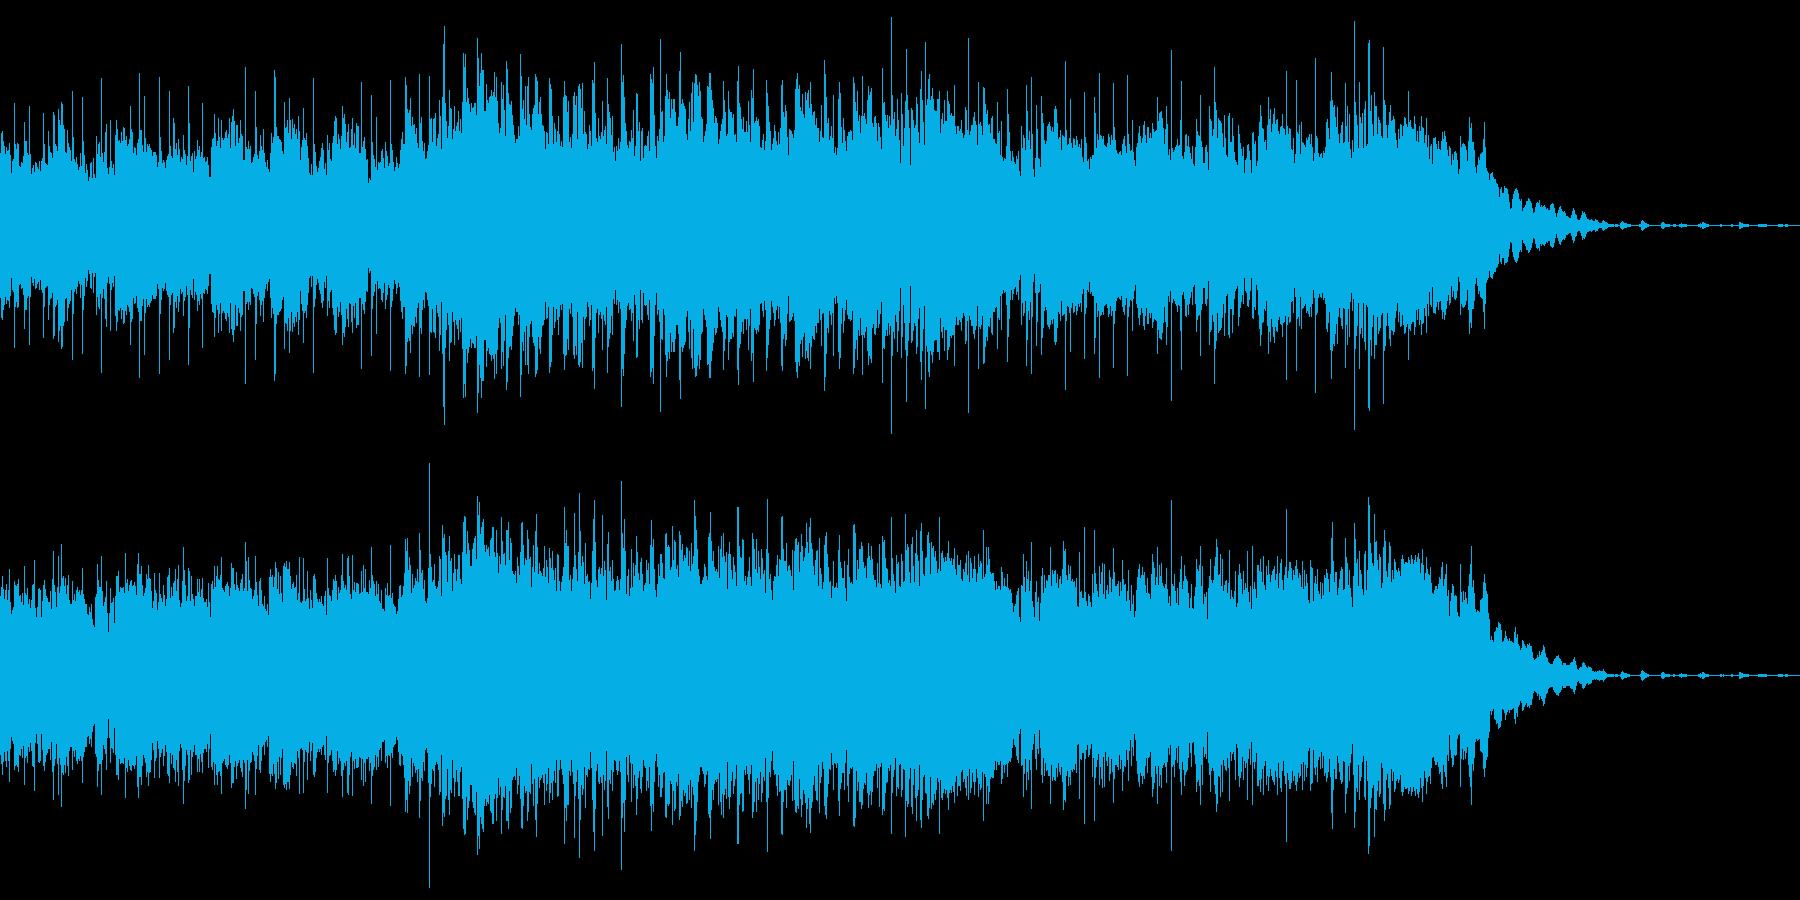 陽気な映像にぴったりな生演奏ブルースの再生済みの波形